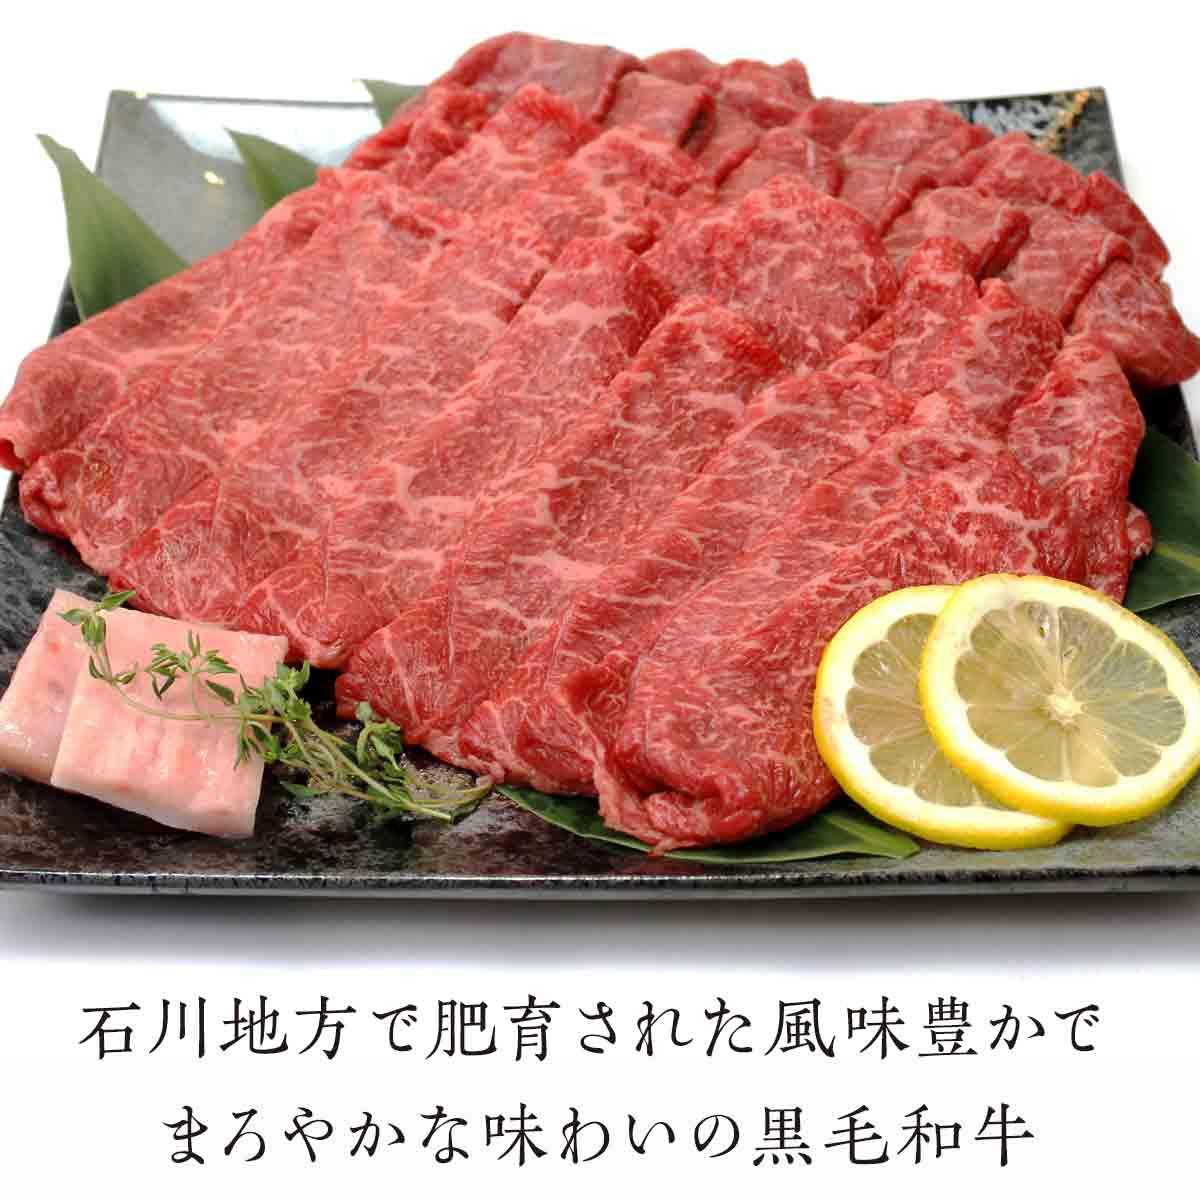 【ふるさと納税】 FT18-039 「いしかわ牛」または「福島牛」 モモ肉すき焼き用 400g×2